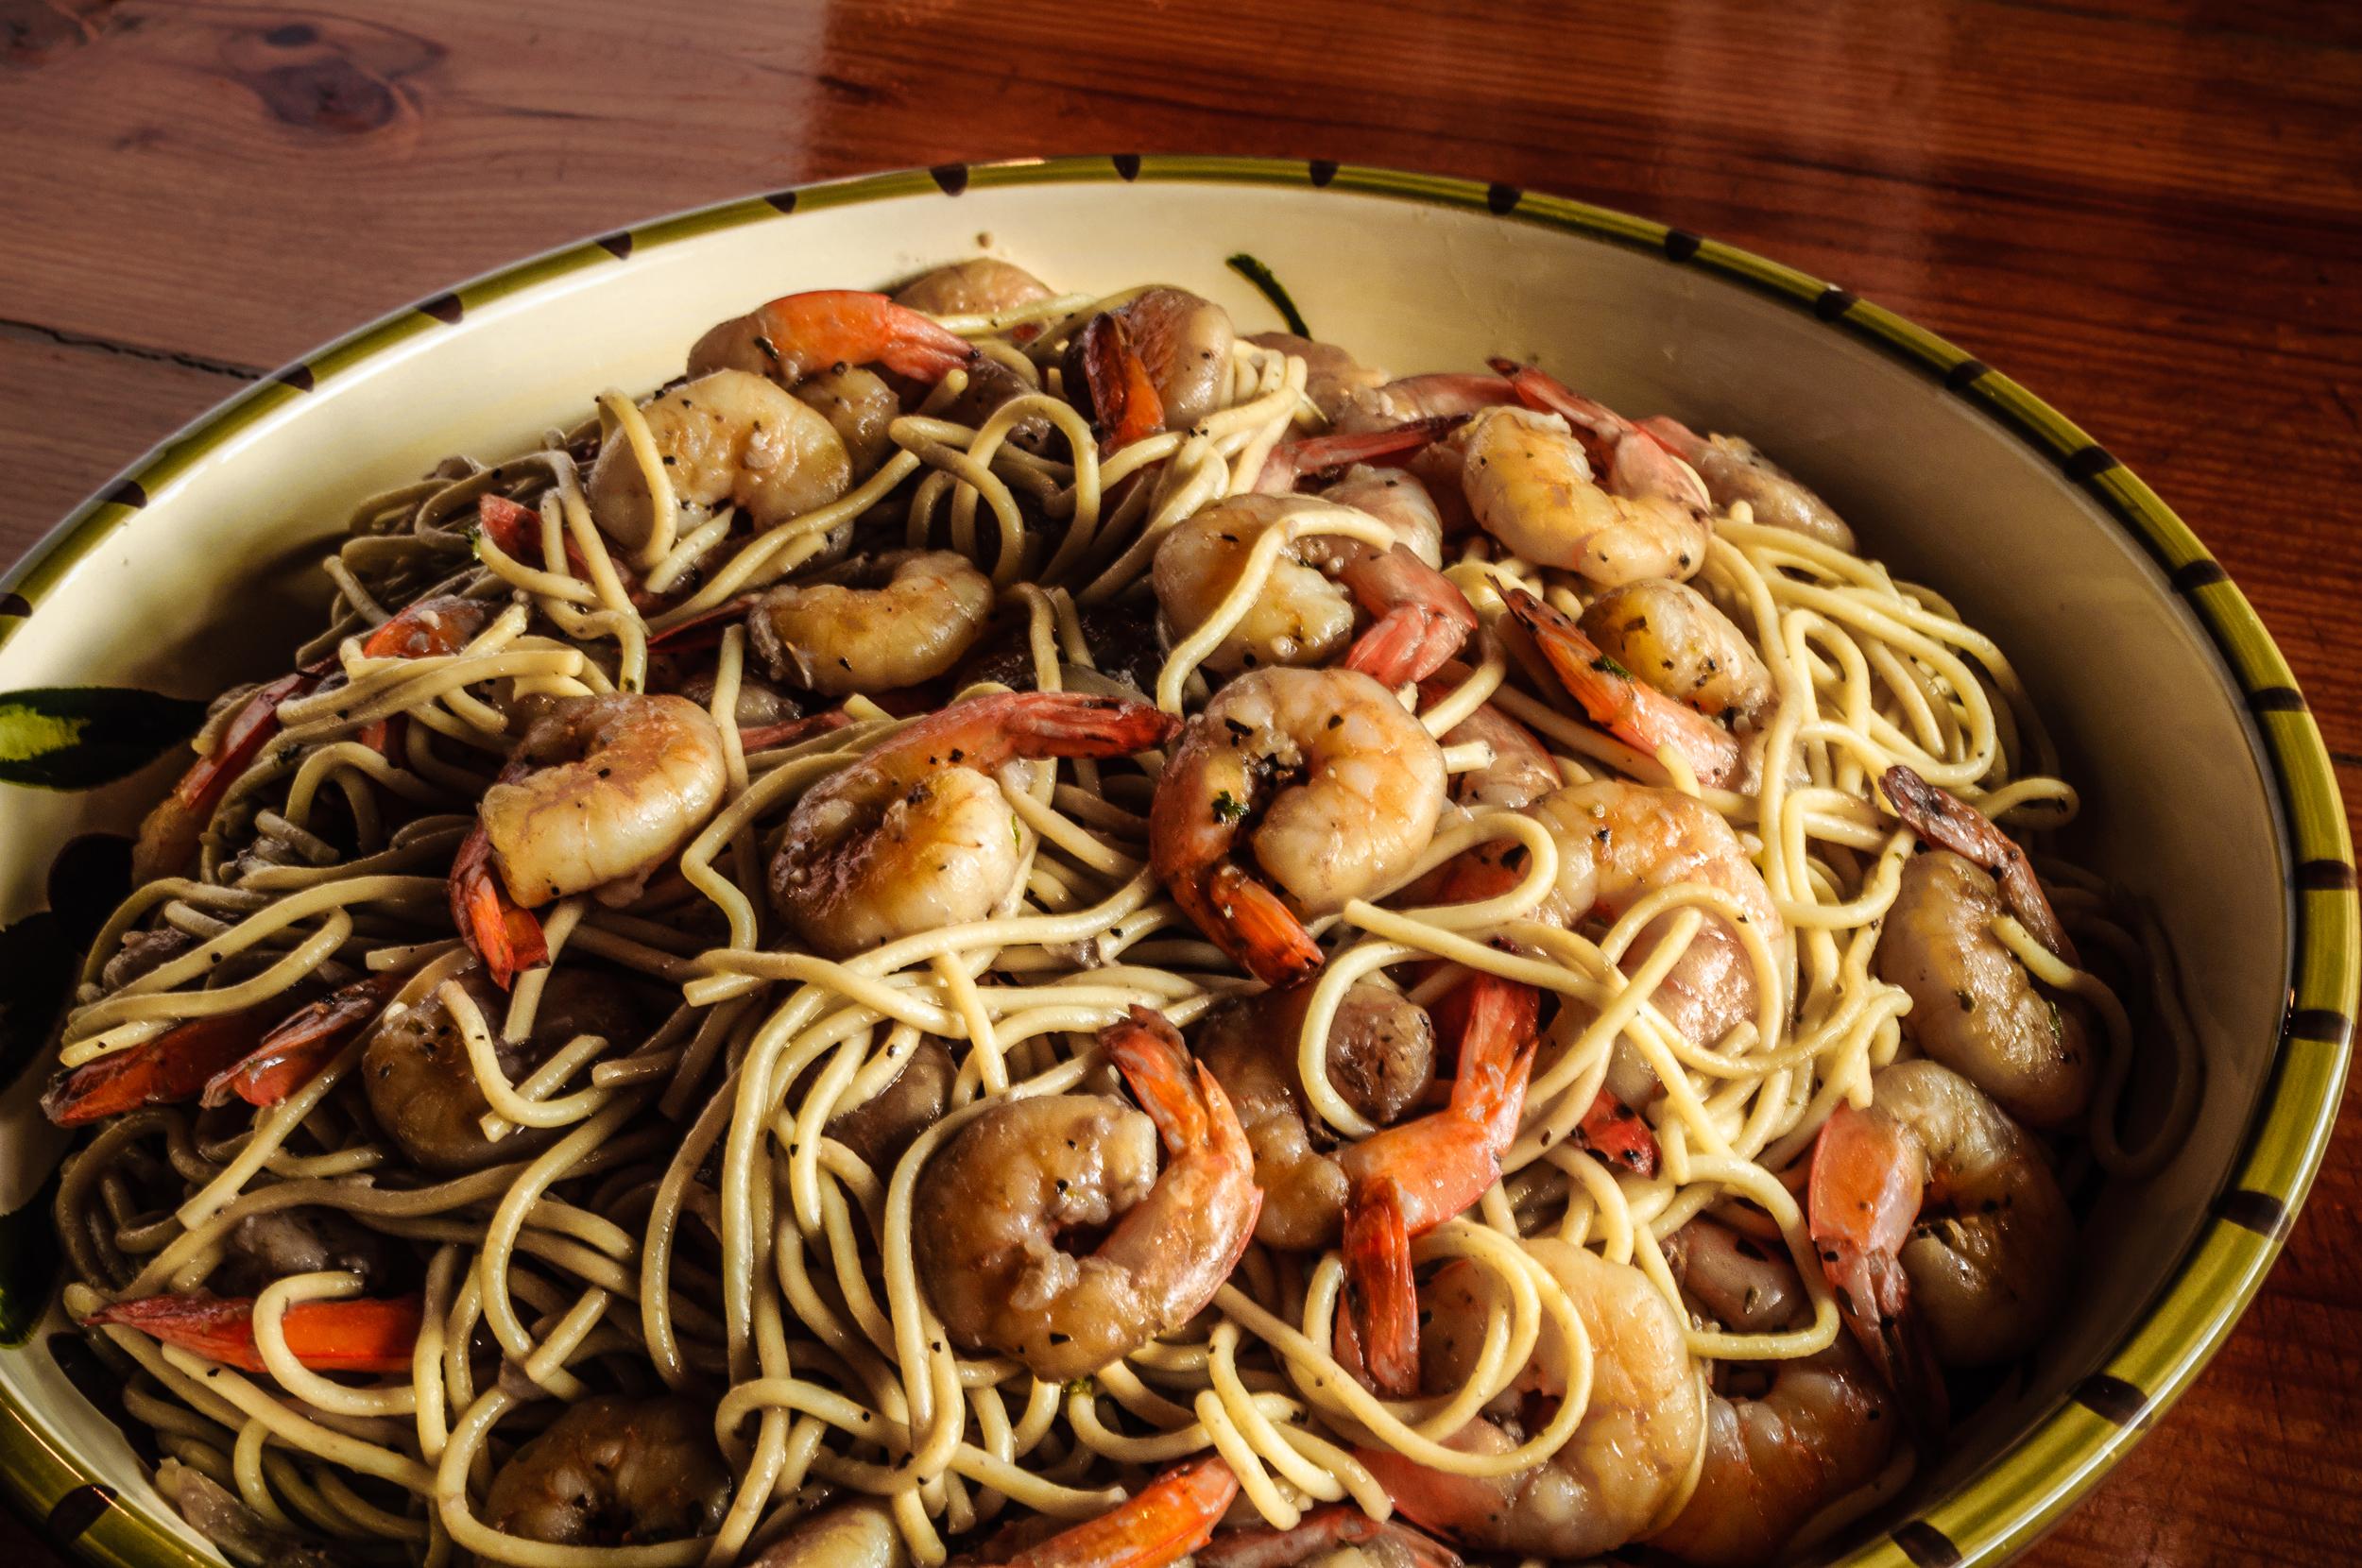 Shrimp Pasta is delicious summer pasta alternative.